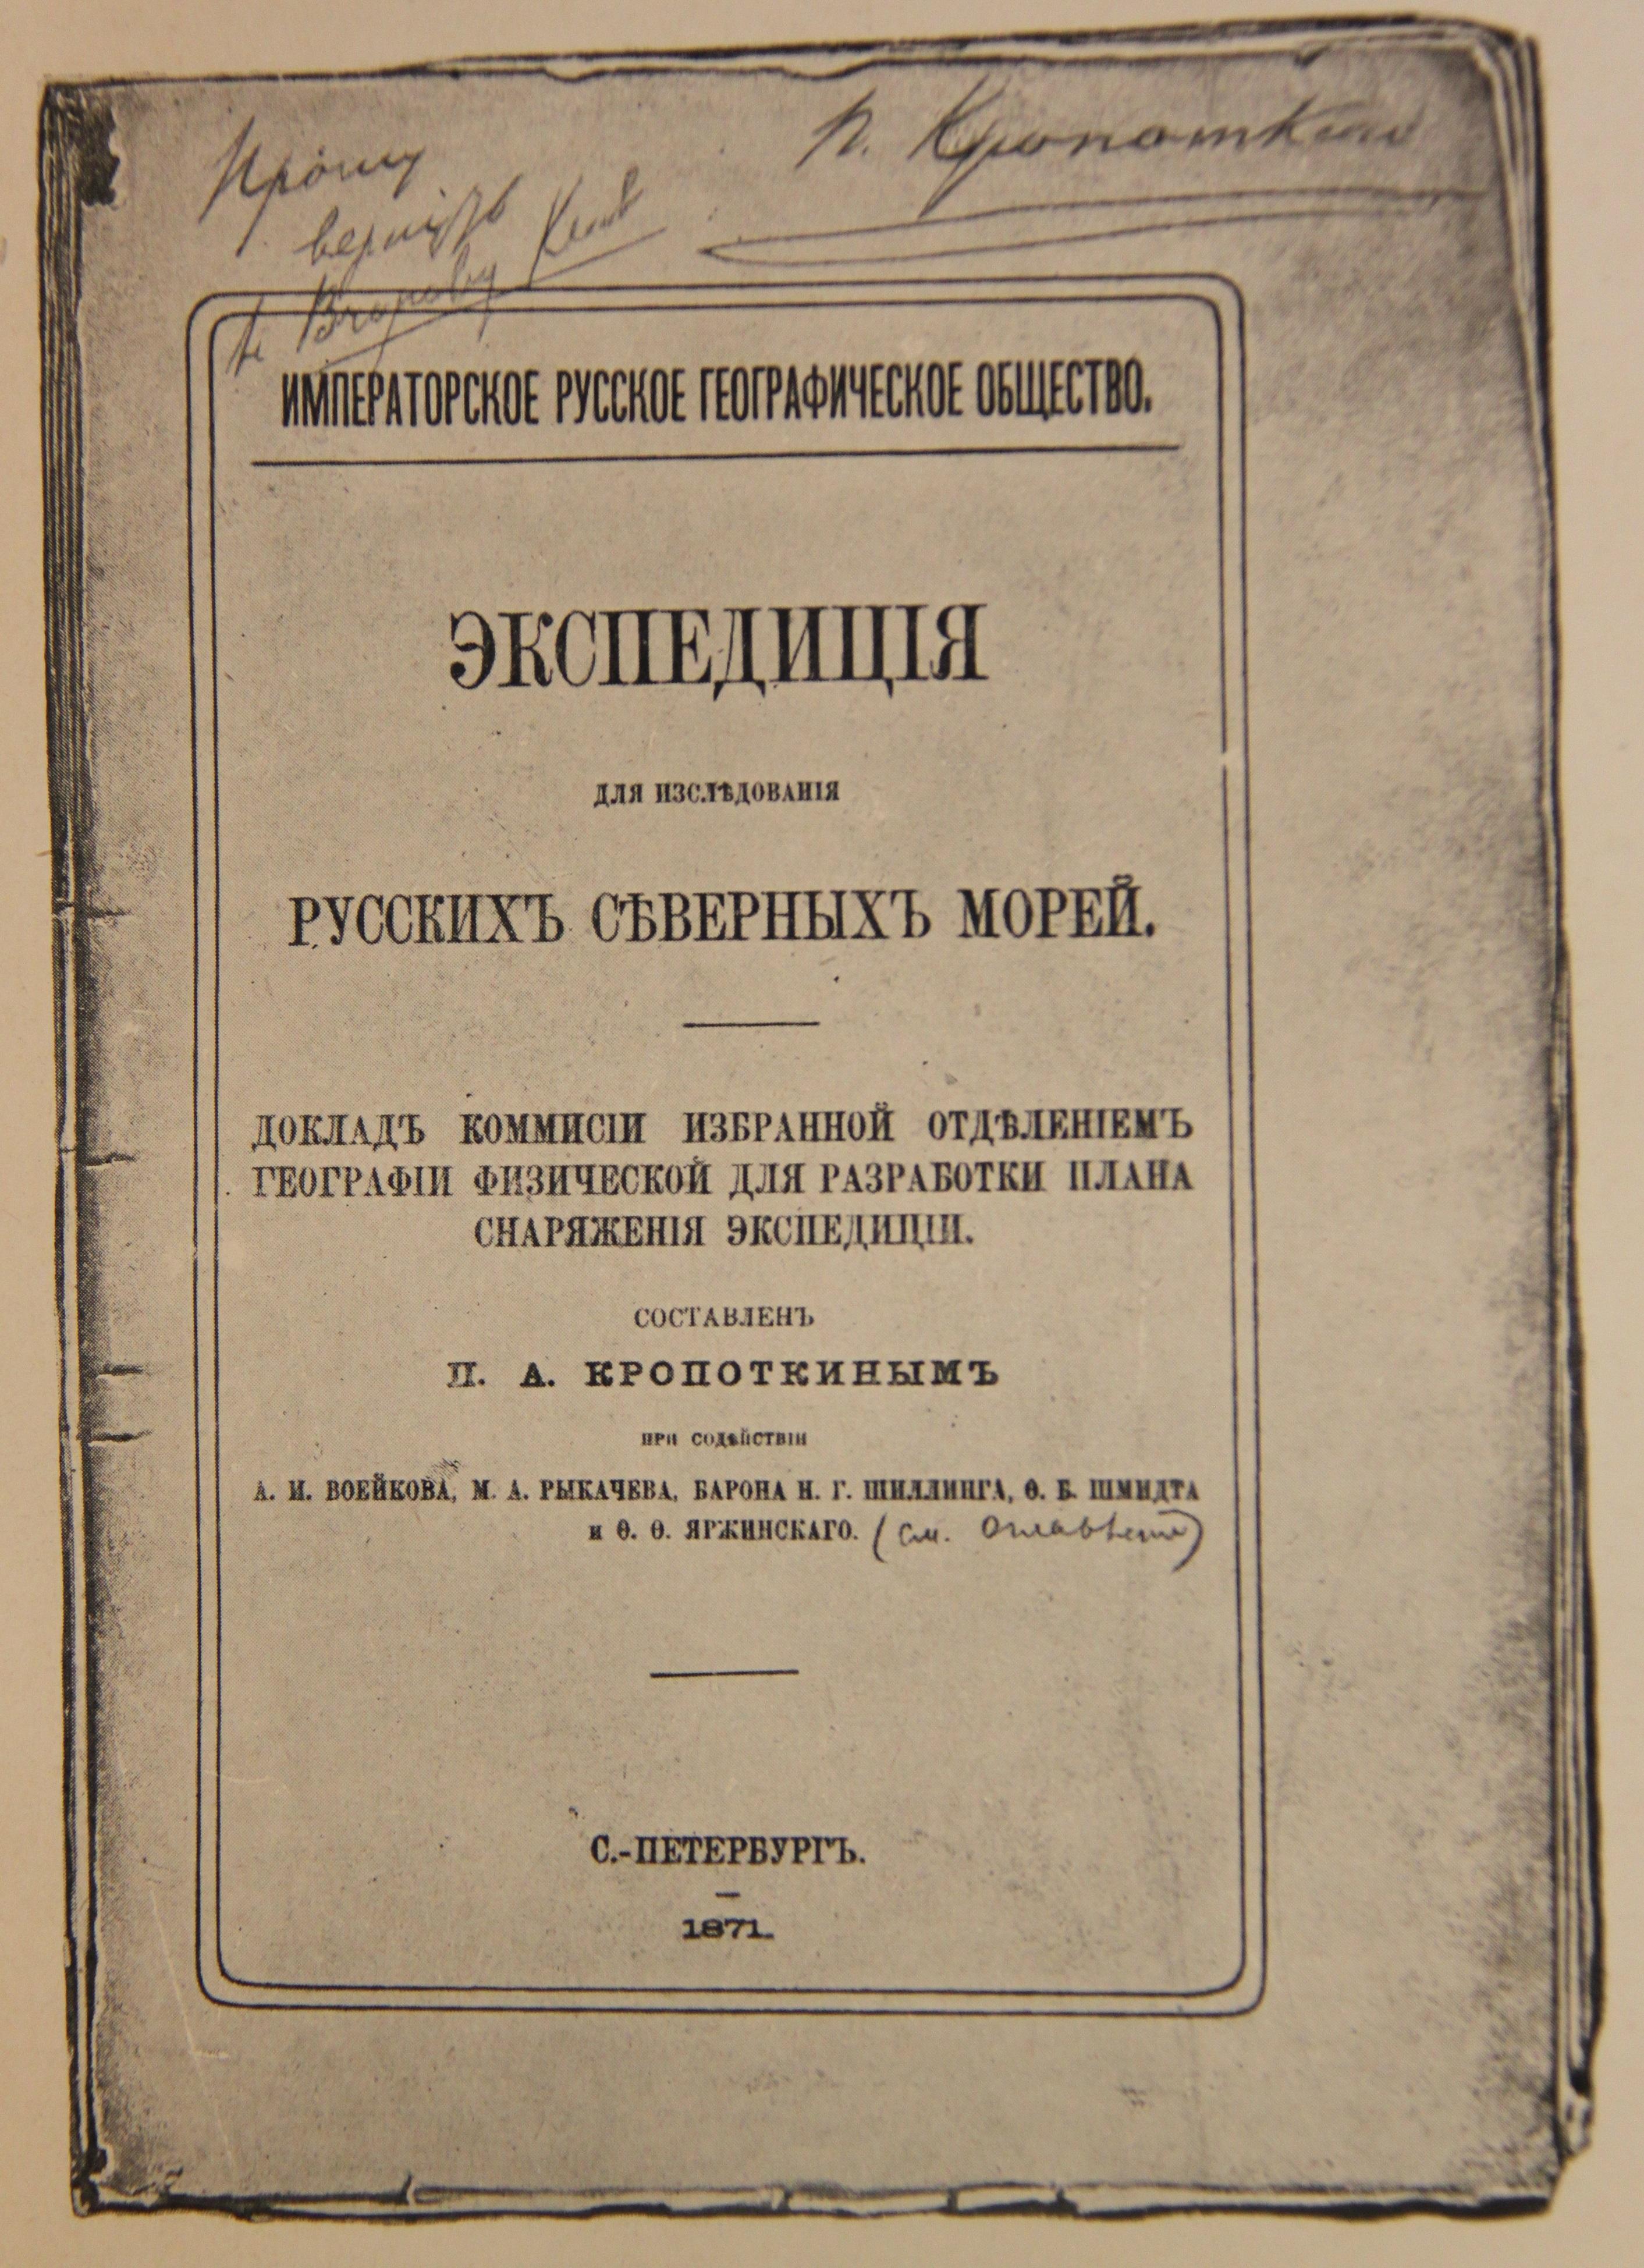 Титульная страница доклада П.А.Кропоткина о полярной экспедиции, 1871 год